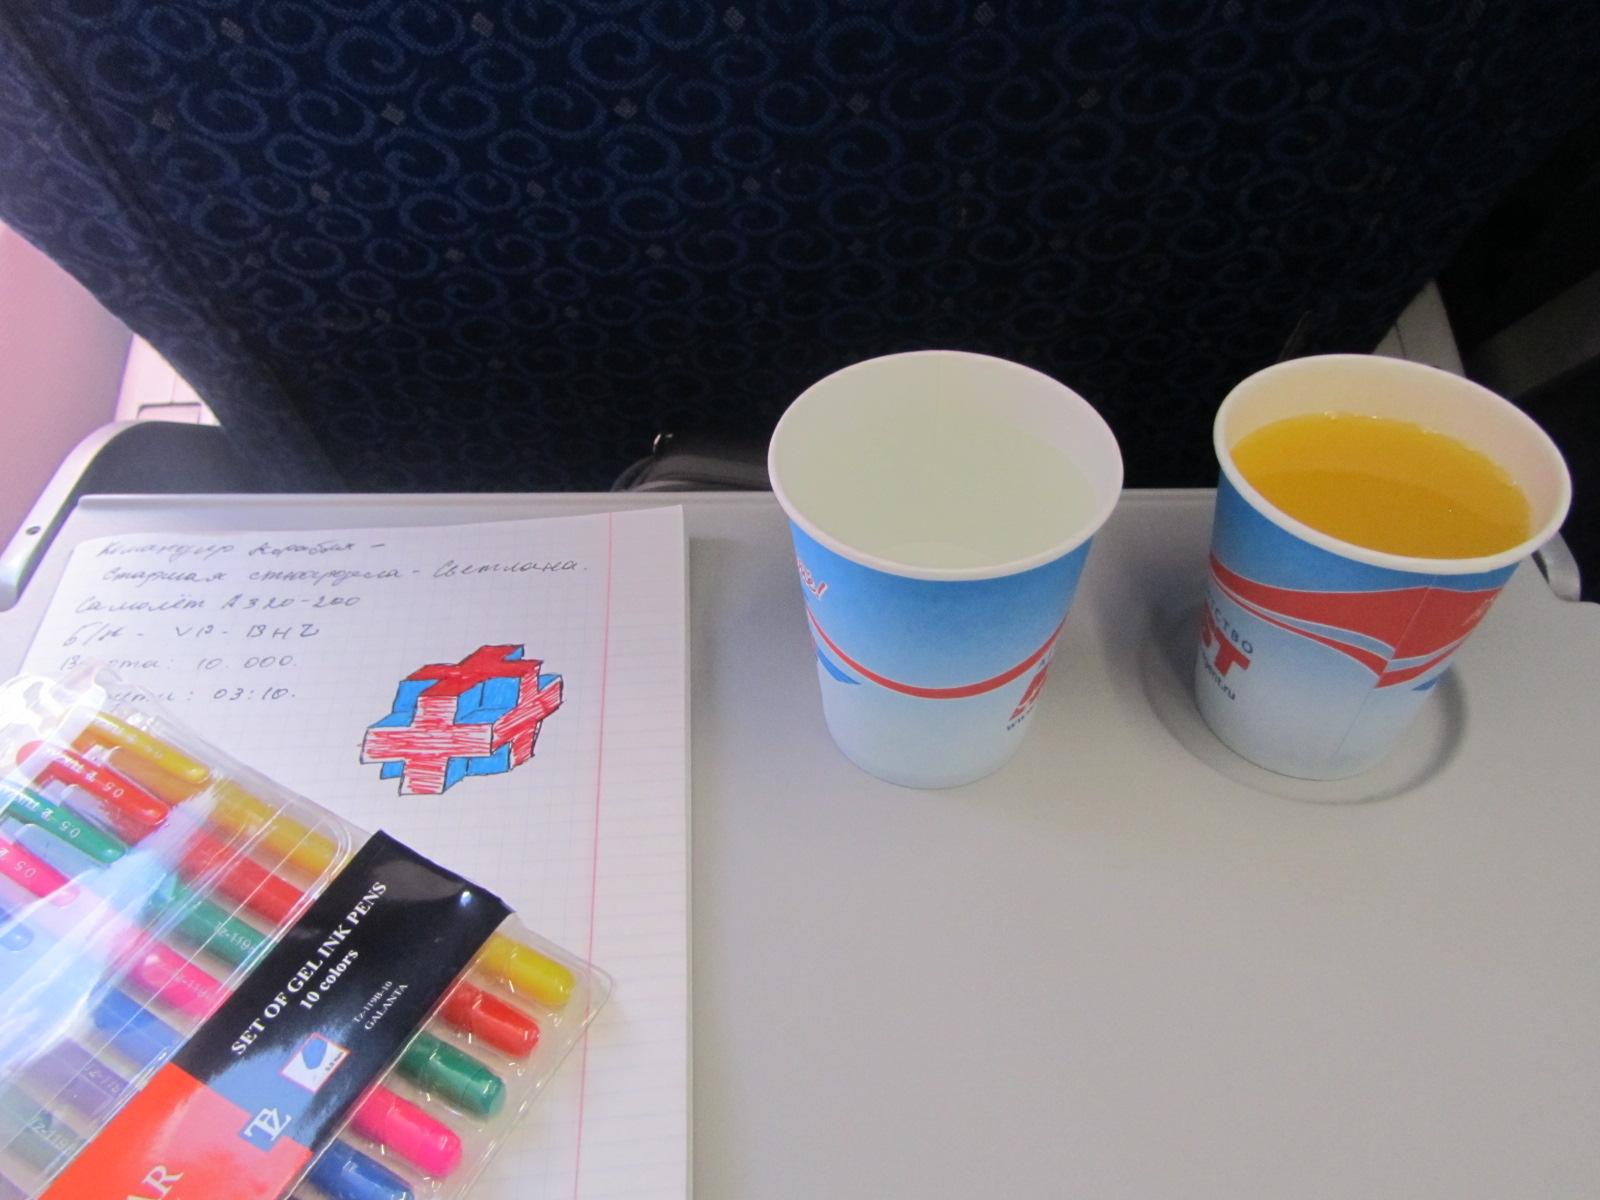 Питание на рейсе Новый Уренгой - Москва авиакомпании Ямал